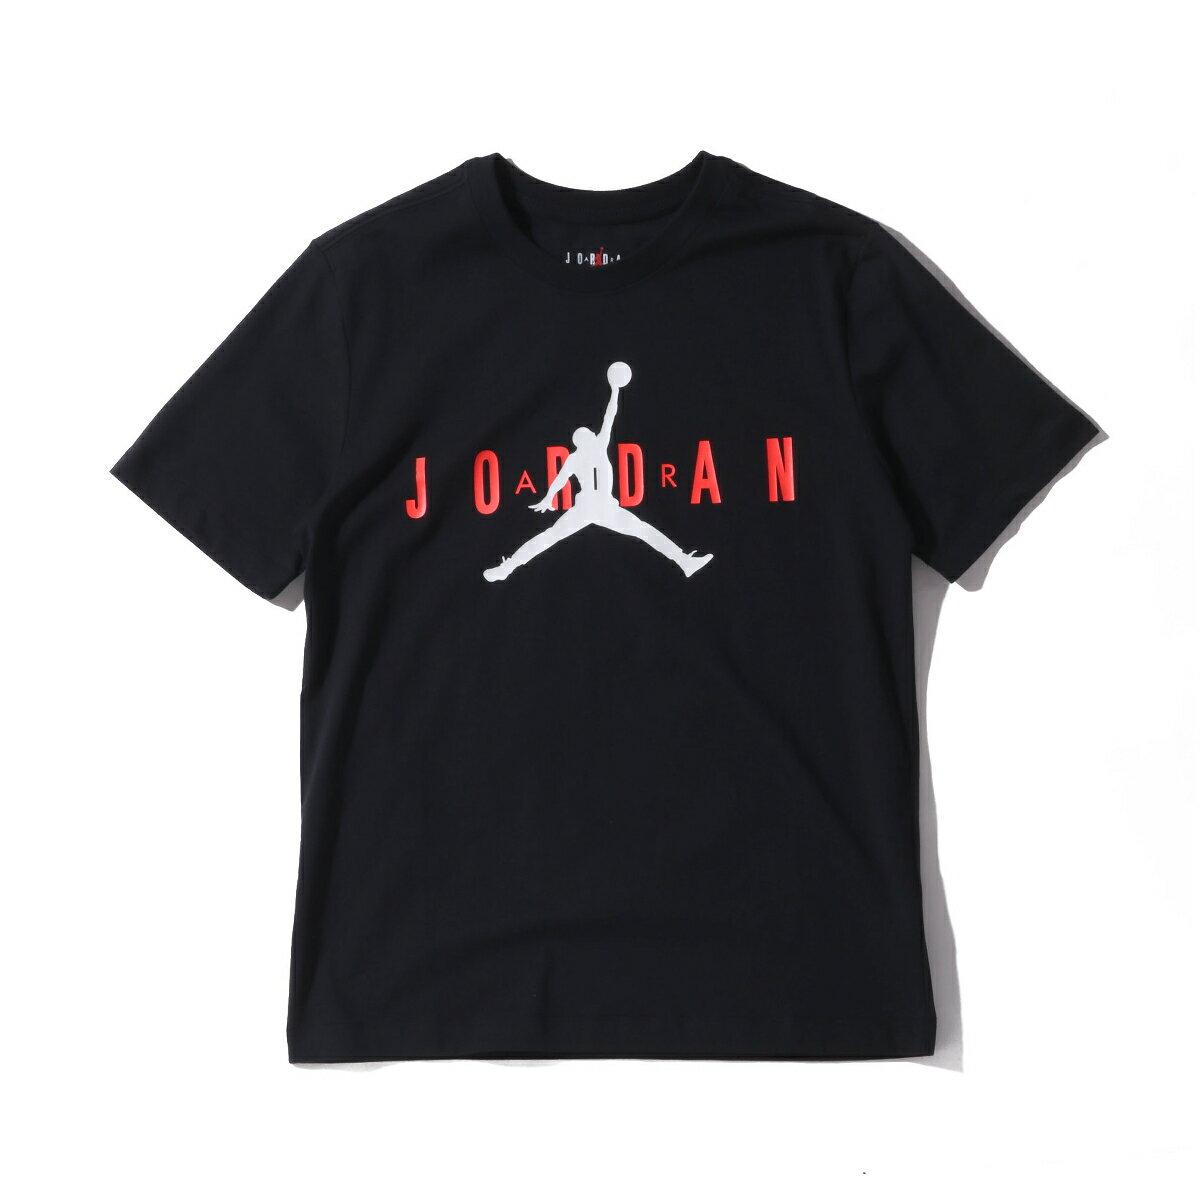 トップス, Tシャツ・カットソー JORDAN BRAND AS M J SS CTN JRDN AIR WRDMRK( CTN JRDN SS)BLACKINFRARED 23 T20SU-I